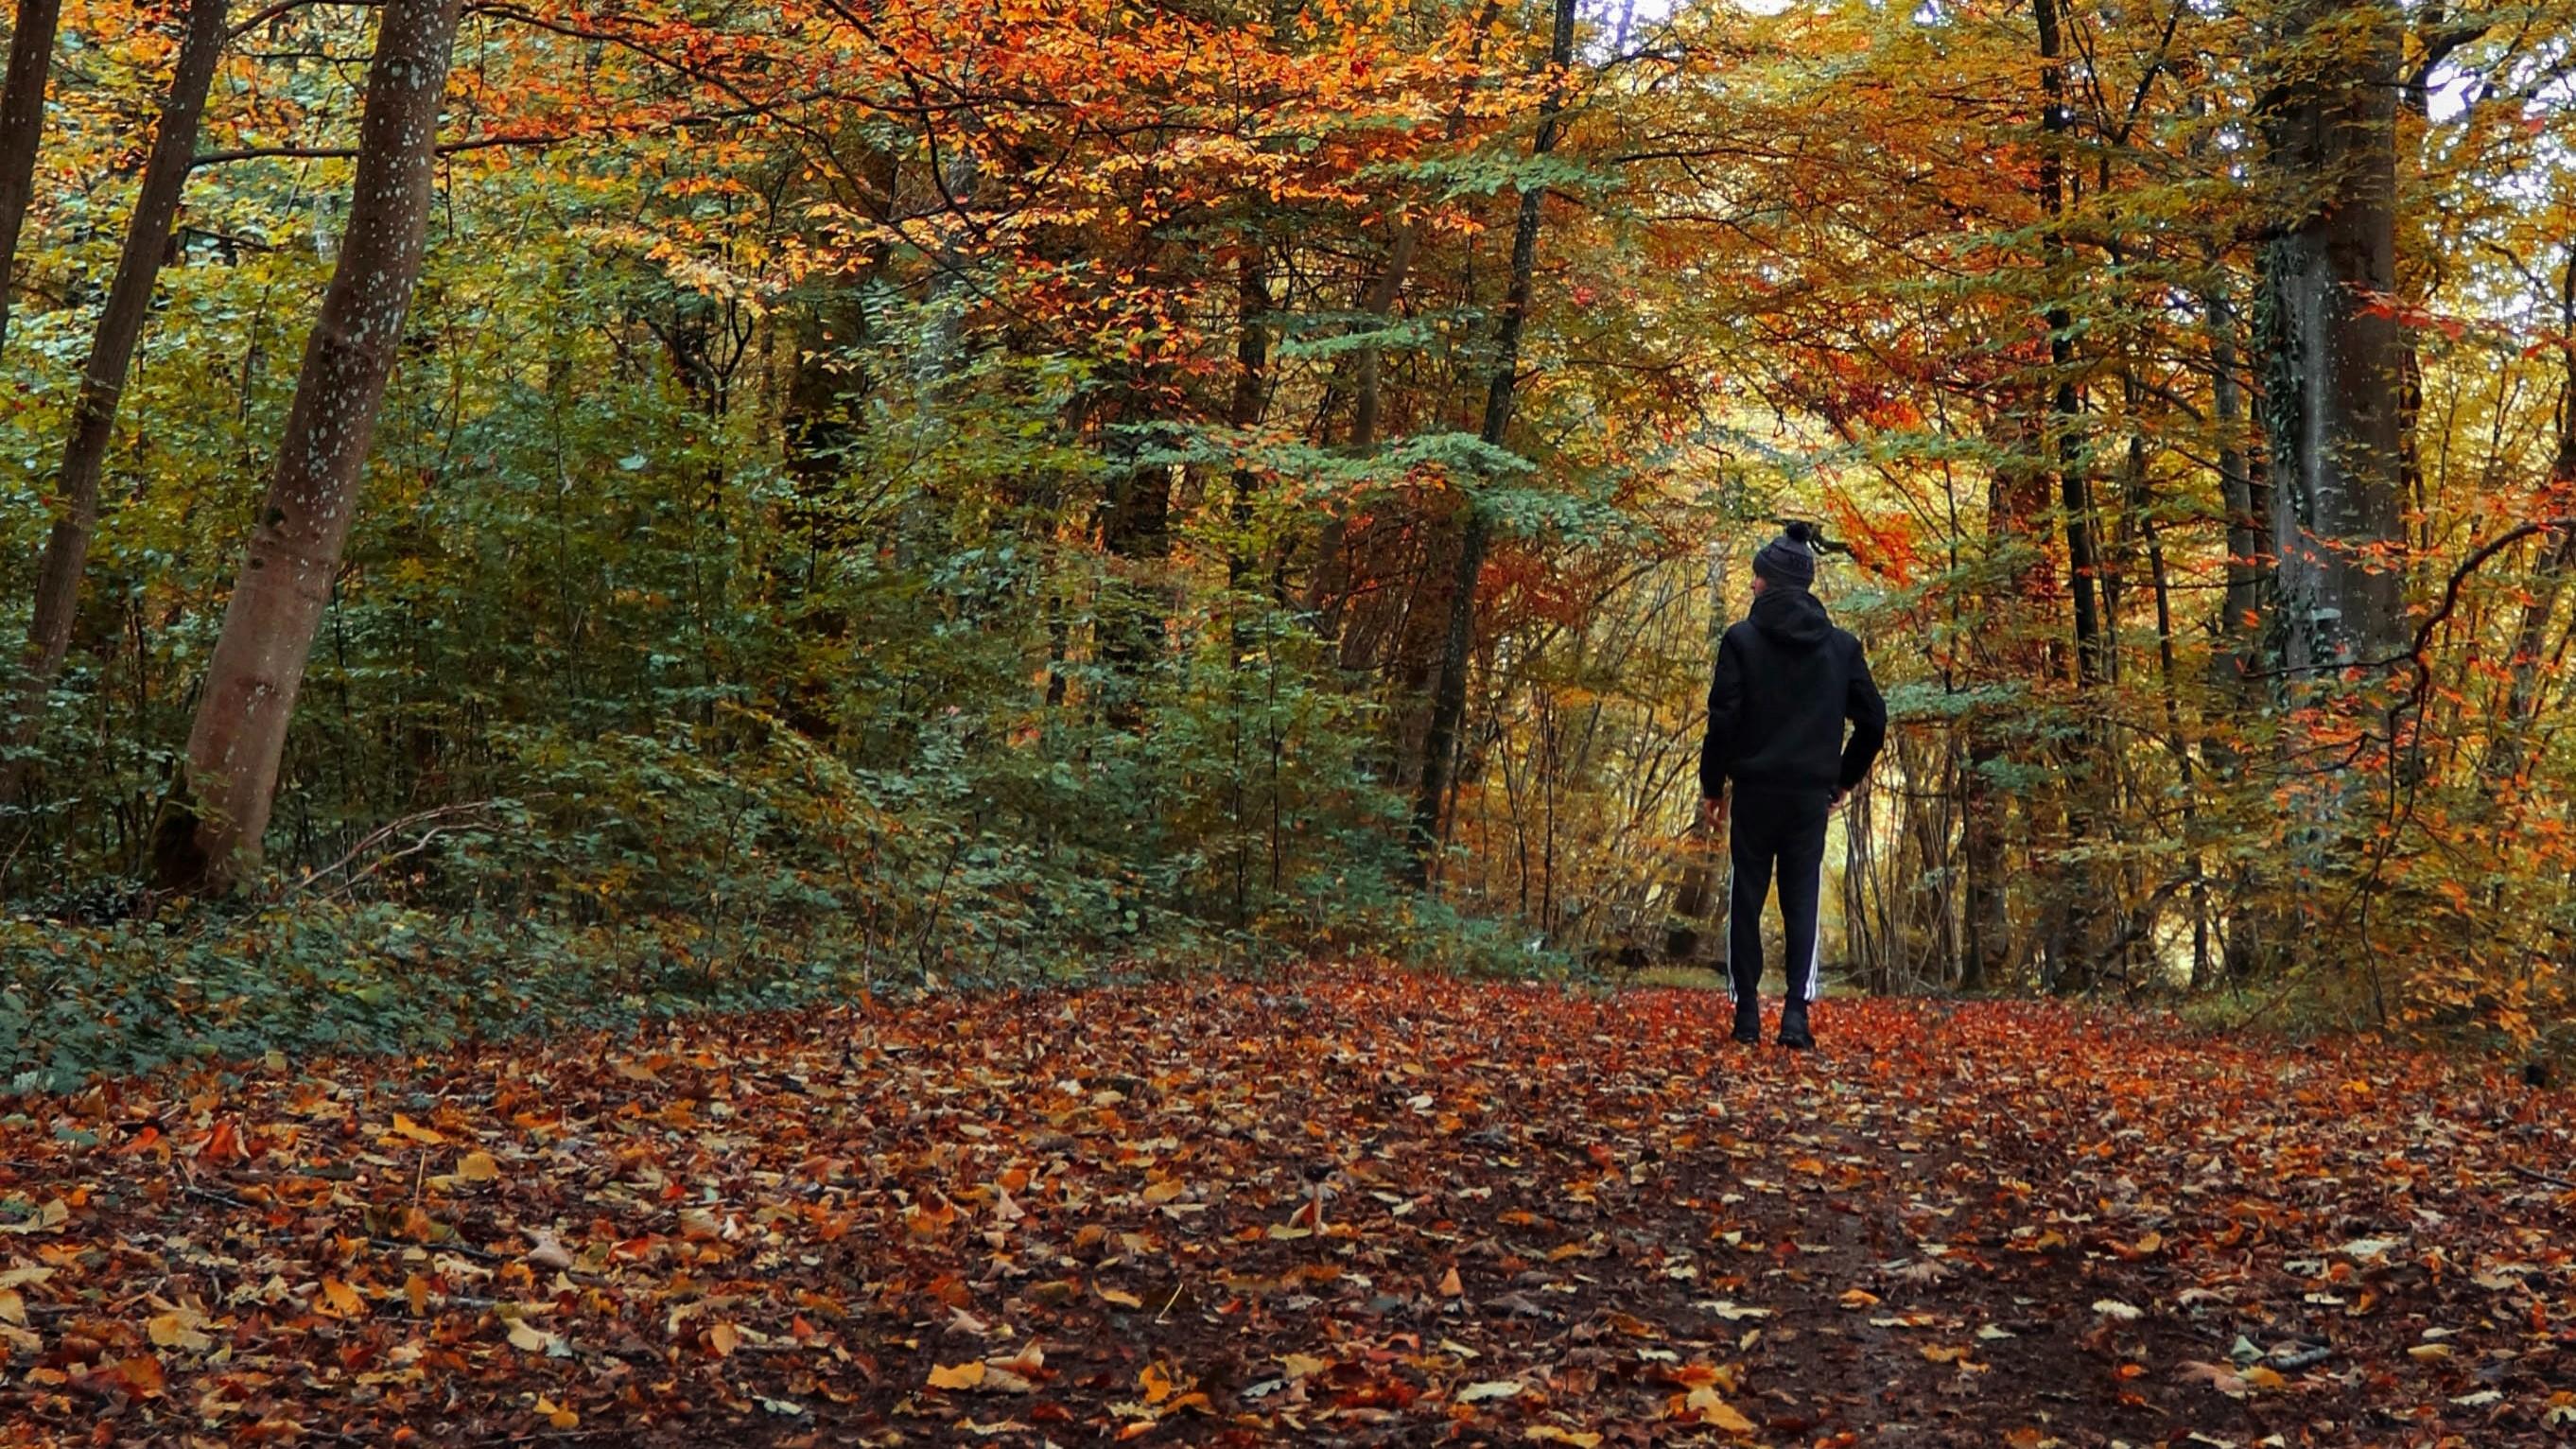 Walk in Fall Foliage -- Isham Photos, Unsplash (cropped) (2)